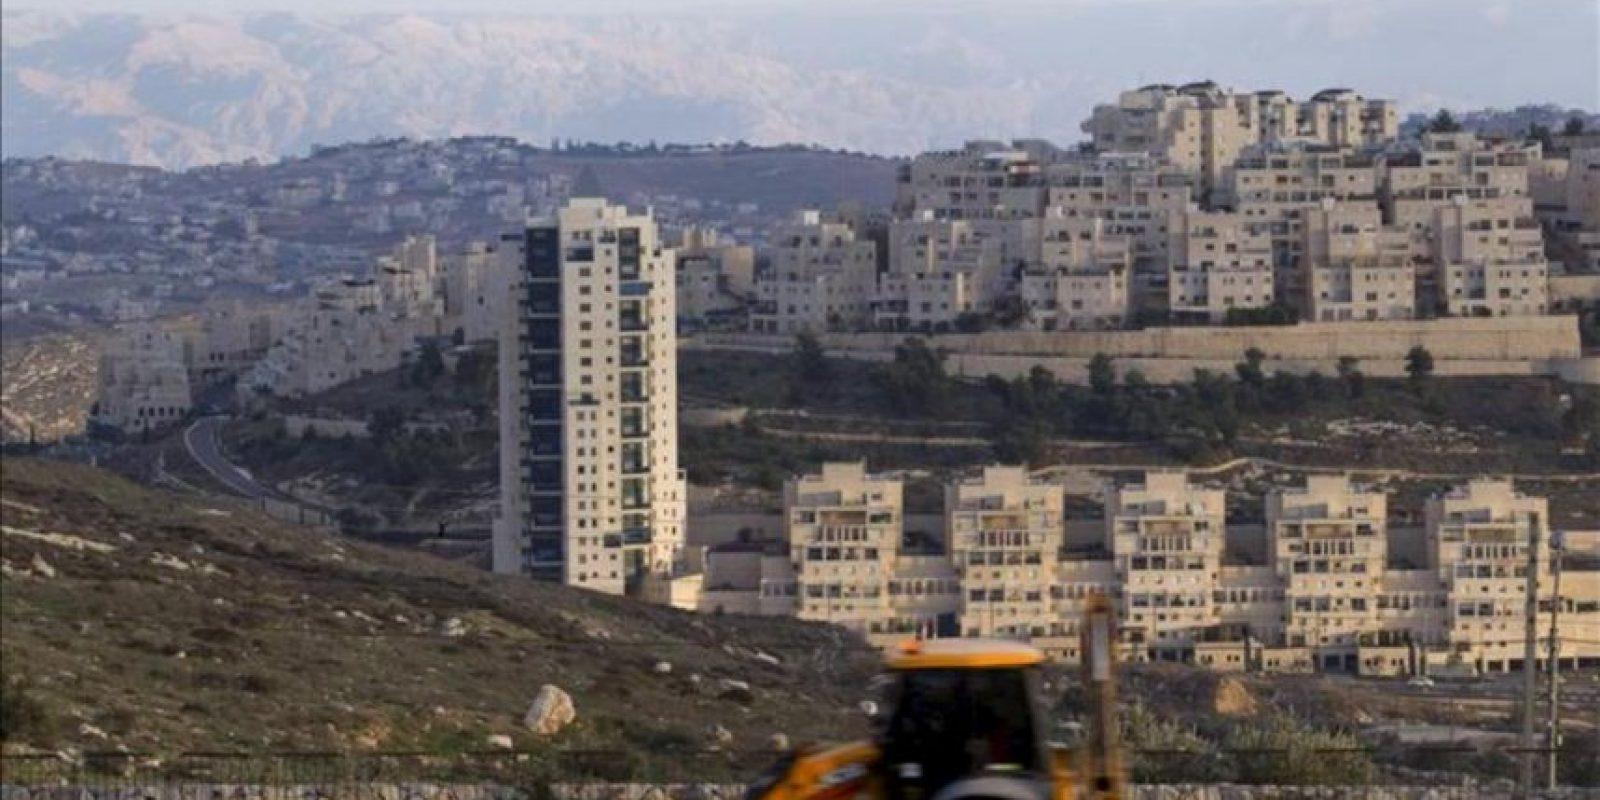 Una excavadora pasa delante del asentamiento de Har Homá, en el sur de Jerusalén, Israel, hoy, miércoles 19 de diciembre de 2012. Israel aprobó hoy la fase final de un proyecto de construcción de 2.600 viviendas en un nuevo asentamiento en Jerusalén Este. EFE